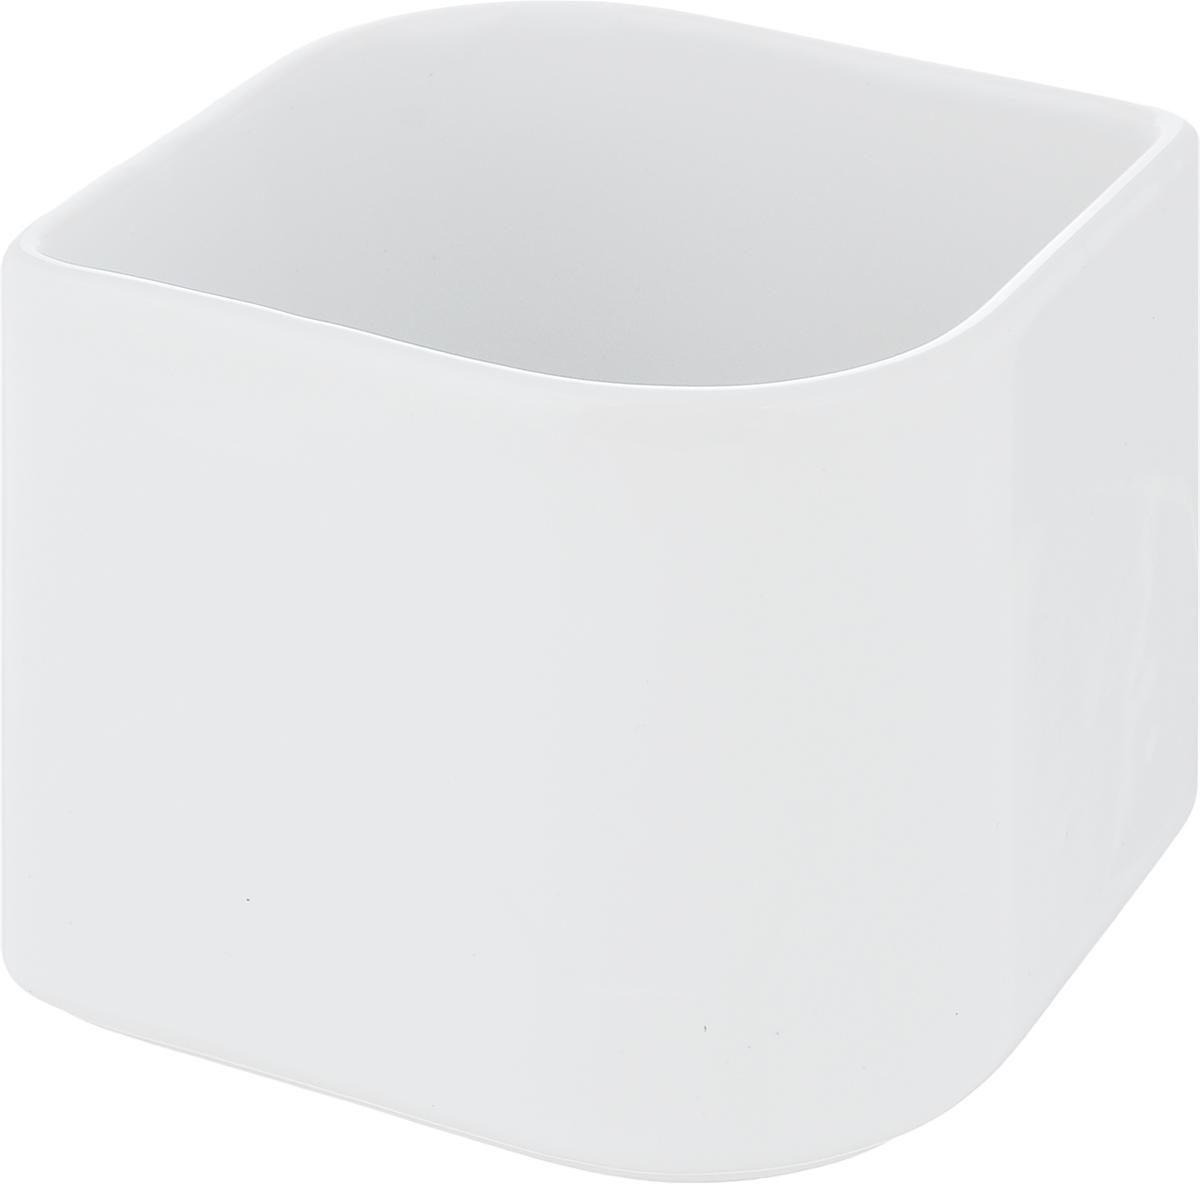 Горшок цветочный Tescoma Sense, цвет: белый, 11 х 13 х 9 см899030Цветочный горшок Tescoma Sense изготовлен из первоклассной керамики. Горшок подходит для выращивания цветов, растений и трав. Цветочный горшок можно мыть в посудомоечной машине. Размер горшка (по верхнему краю): 11 х 13,5 см. Высота горшка: 9 см.